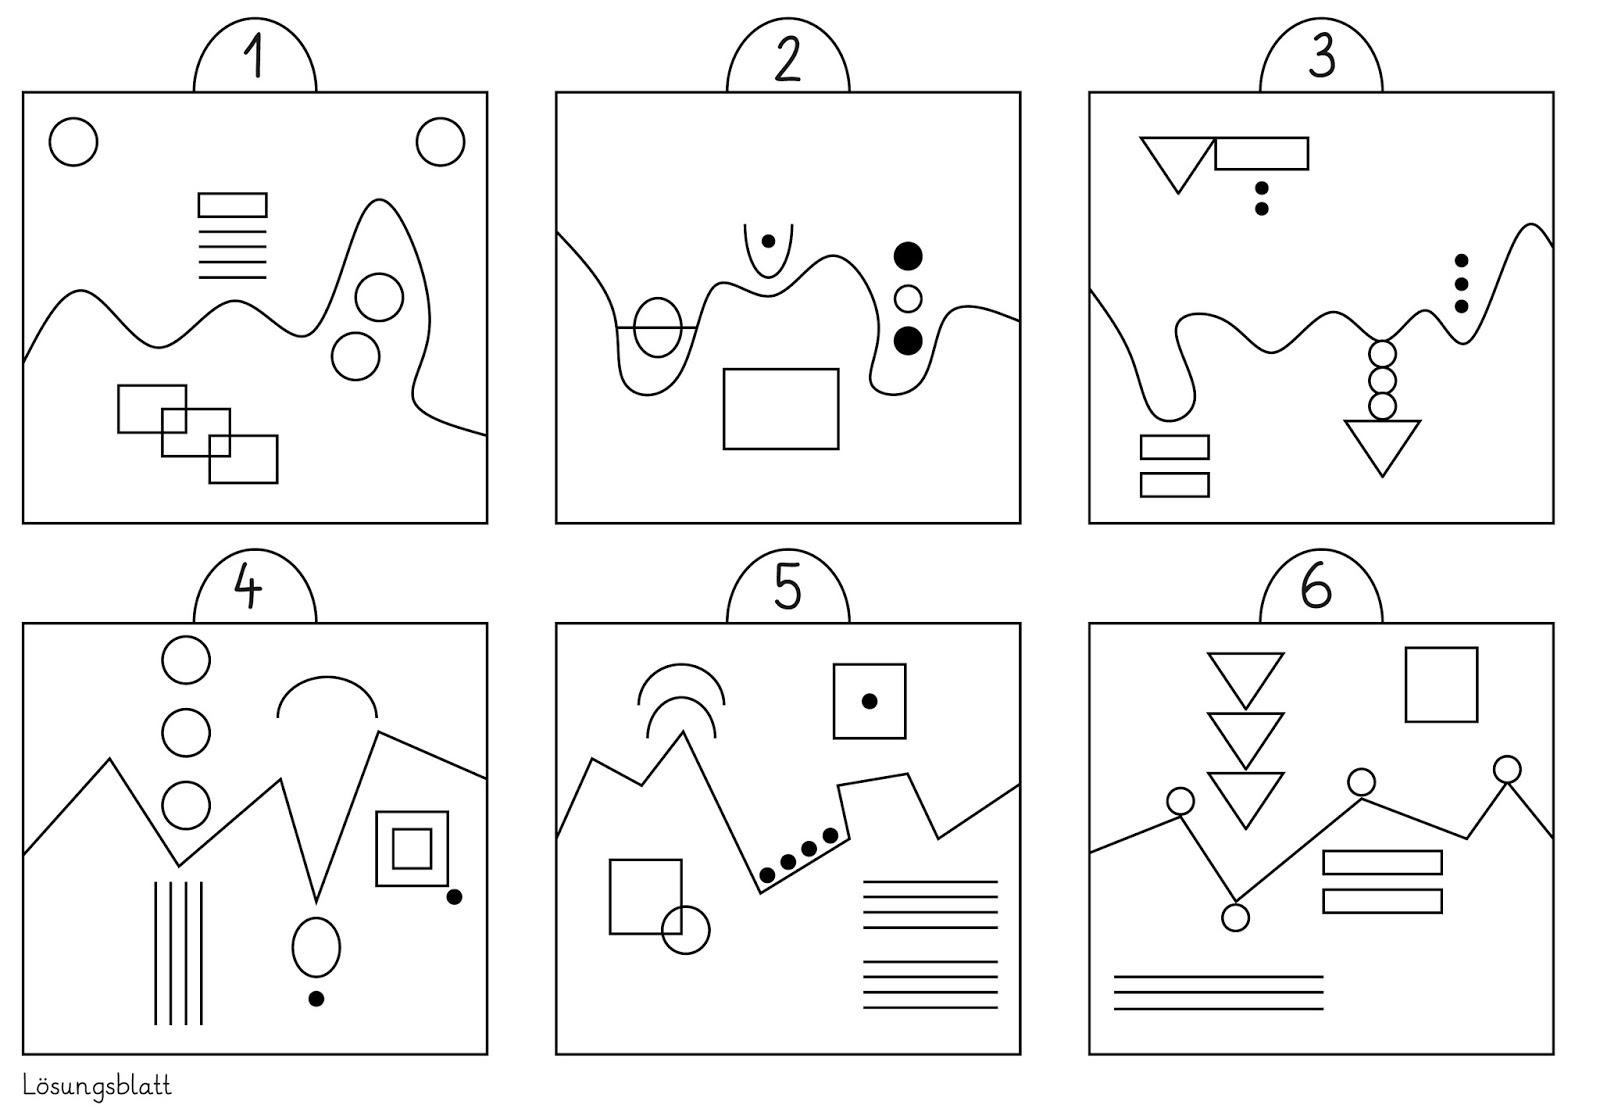 Lernstübchen: die visuelle Wahrnehmung trainieren